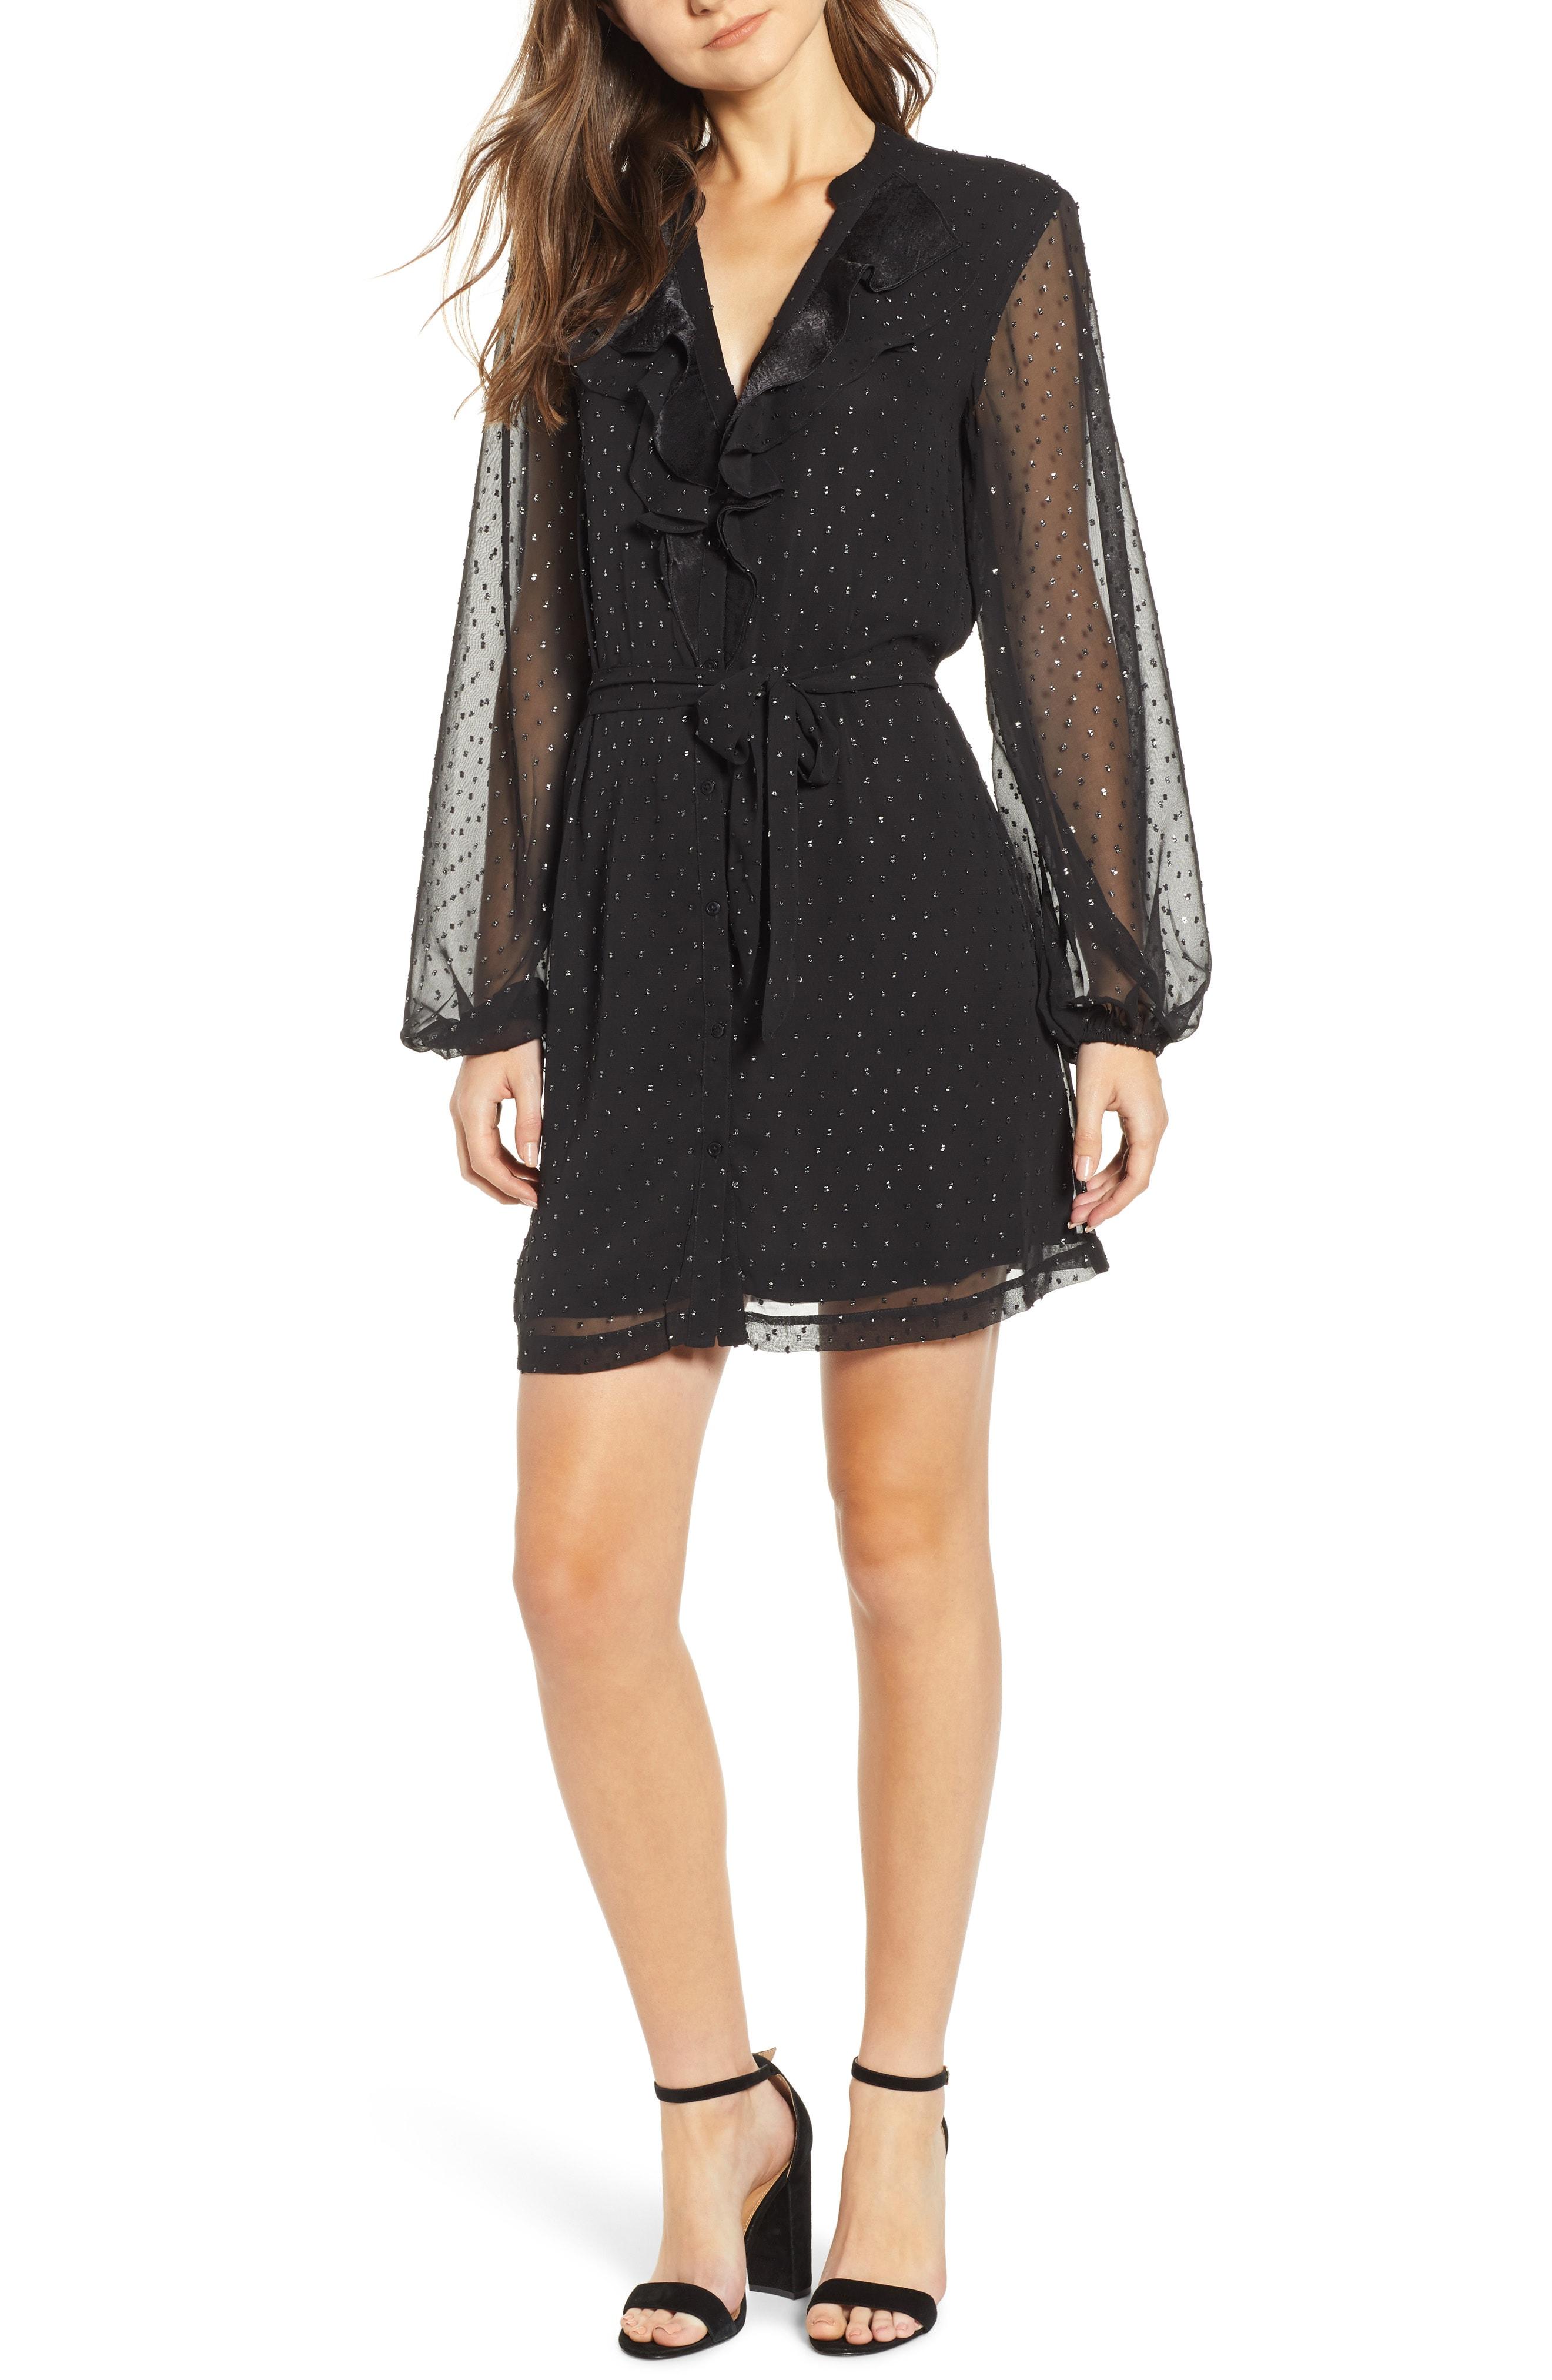 PAIGE Isabelle Shimmer Dot Dress